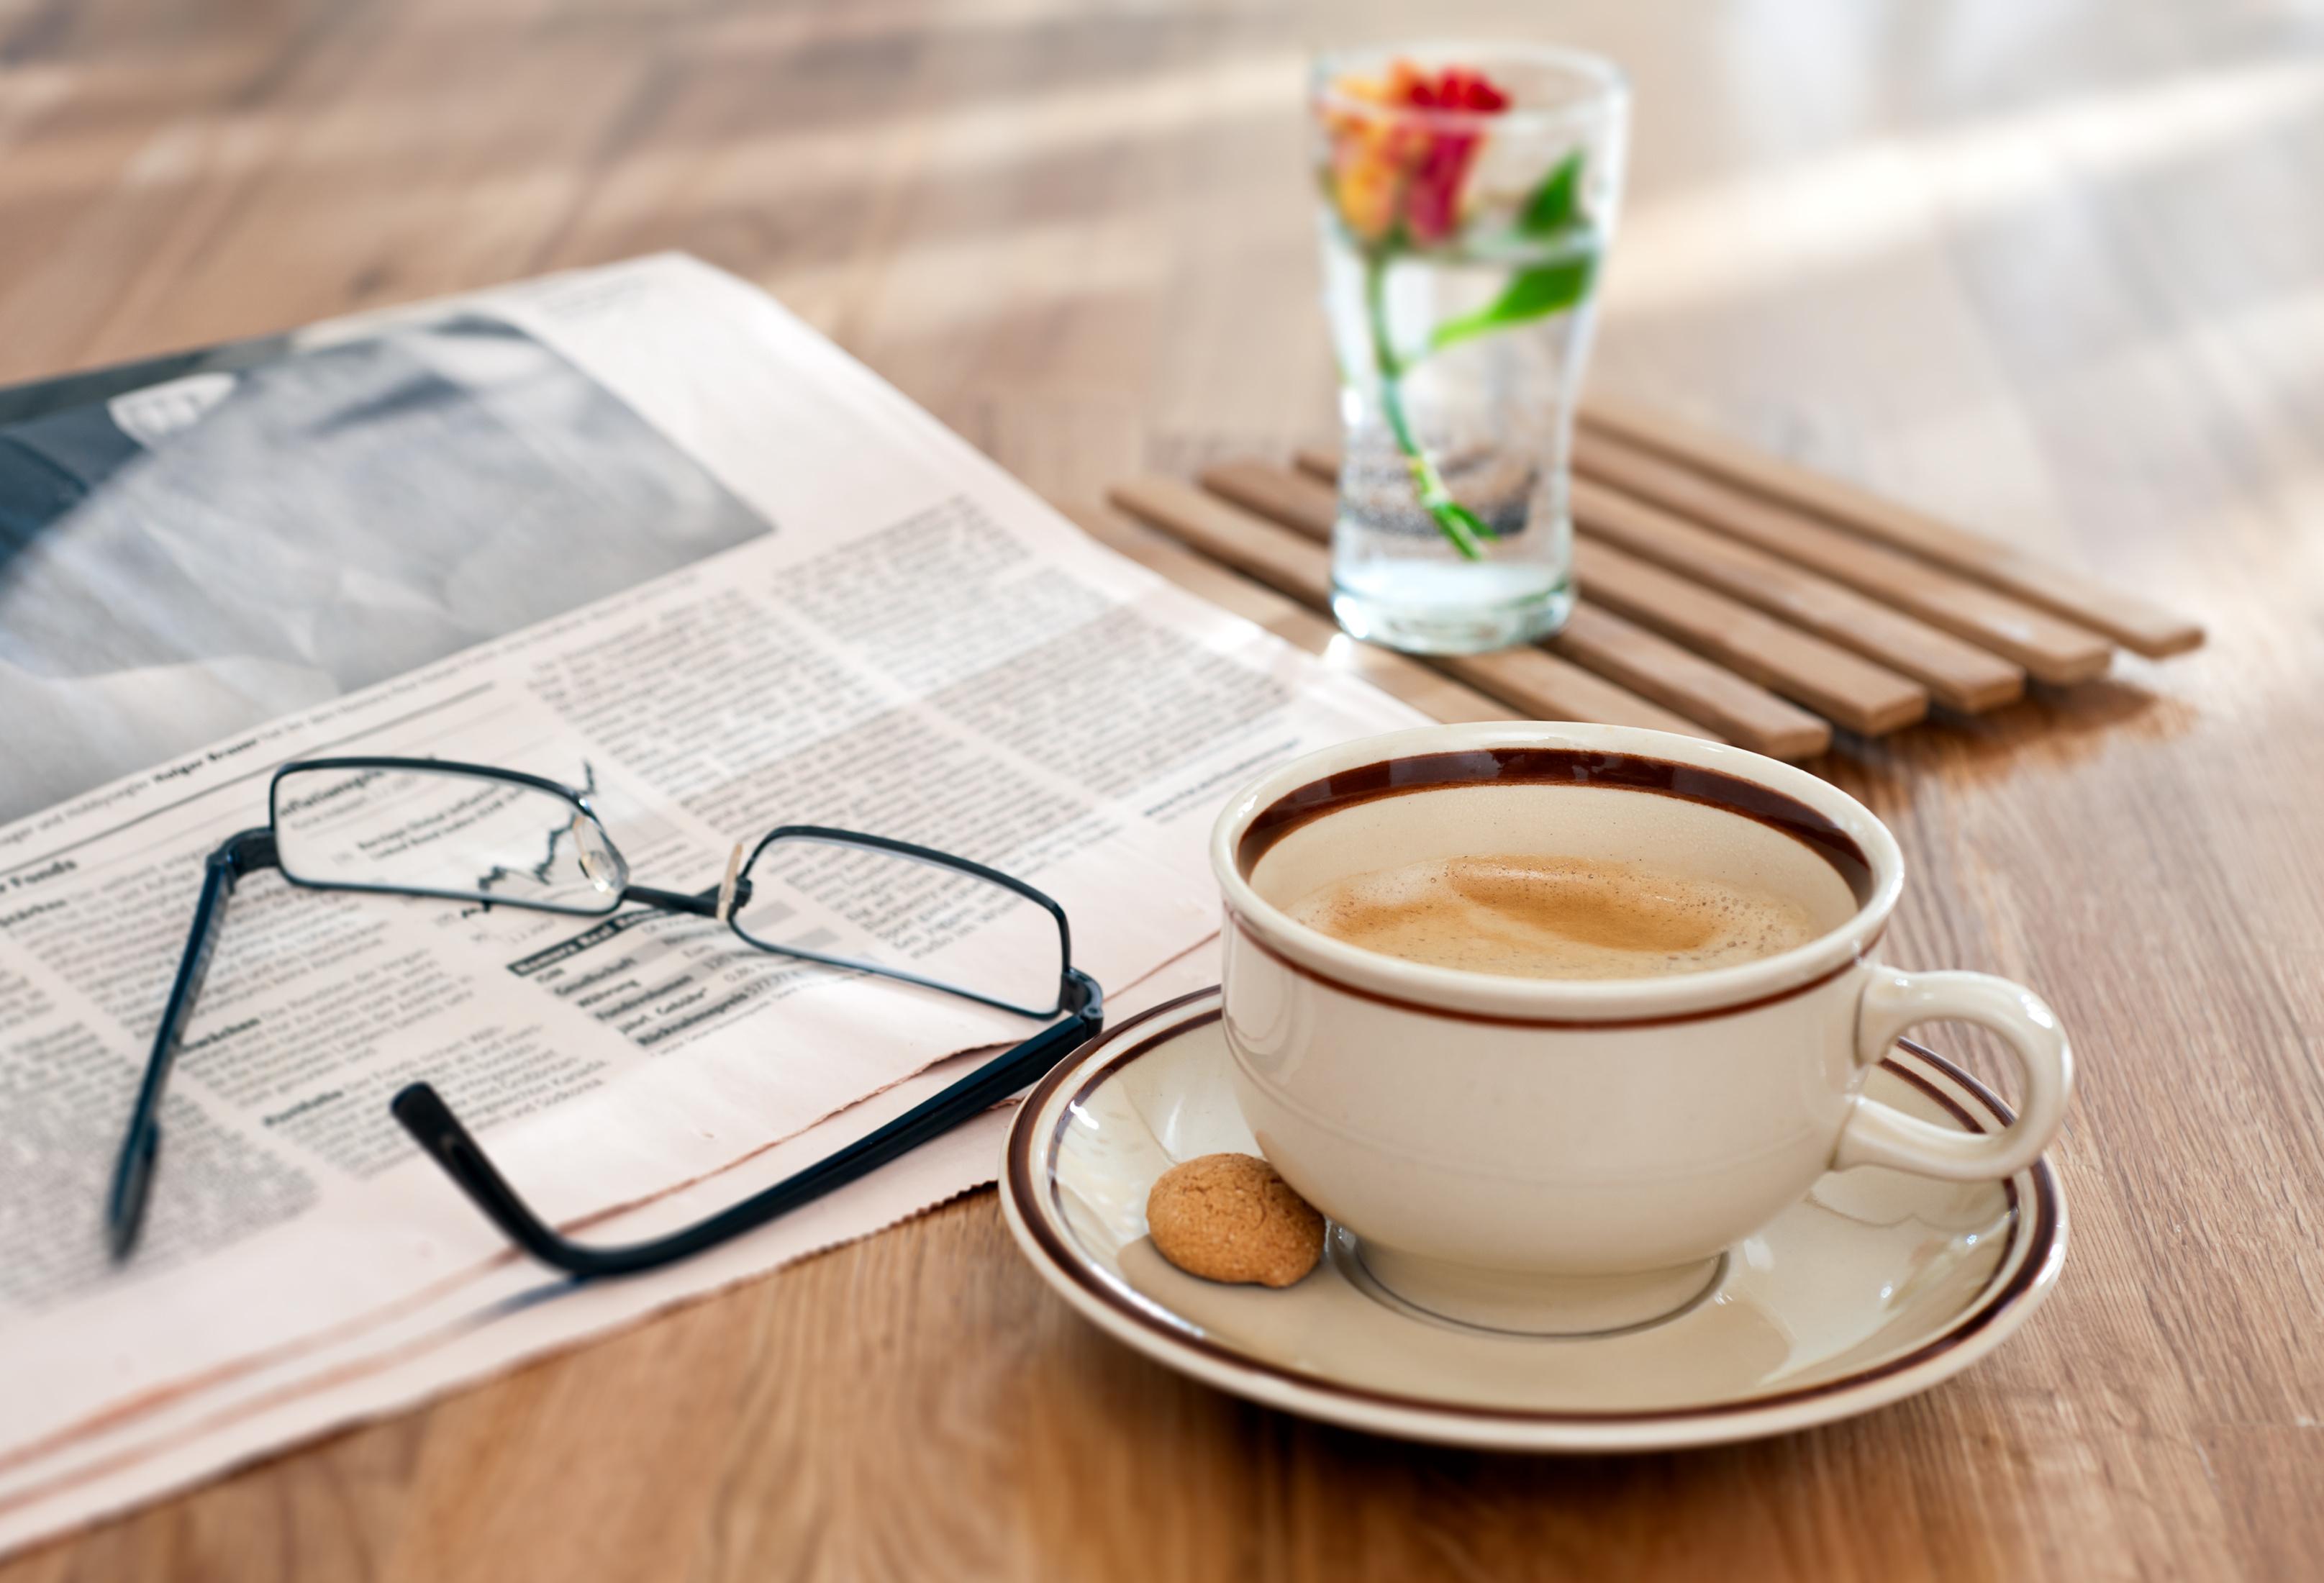 оформления картинки с кофе и газетой челку выбрали, она